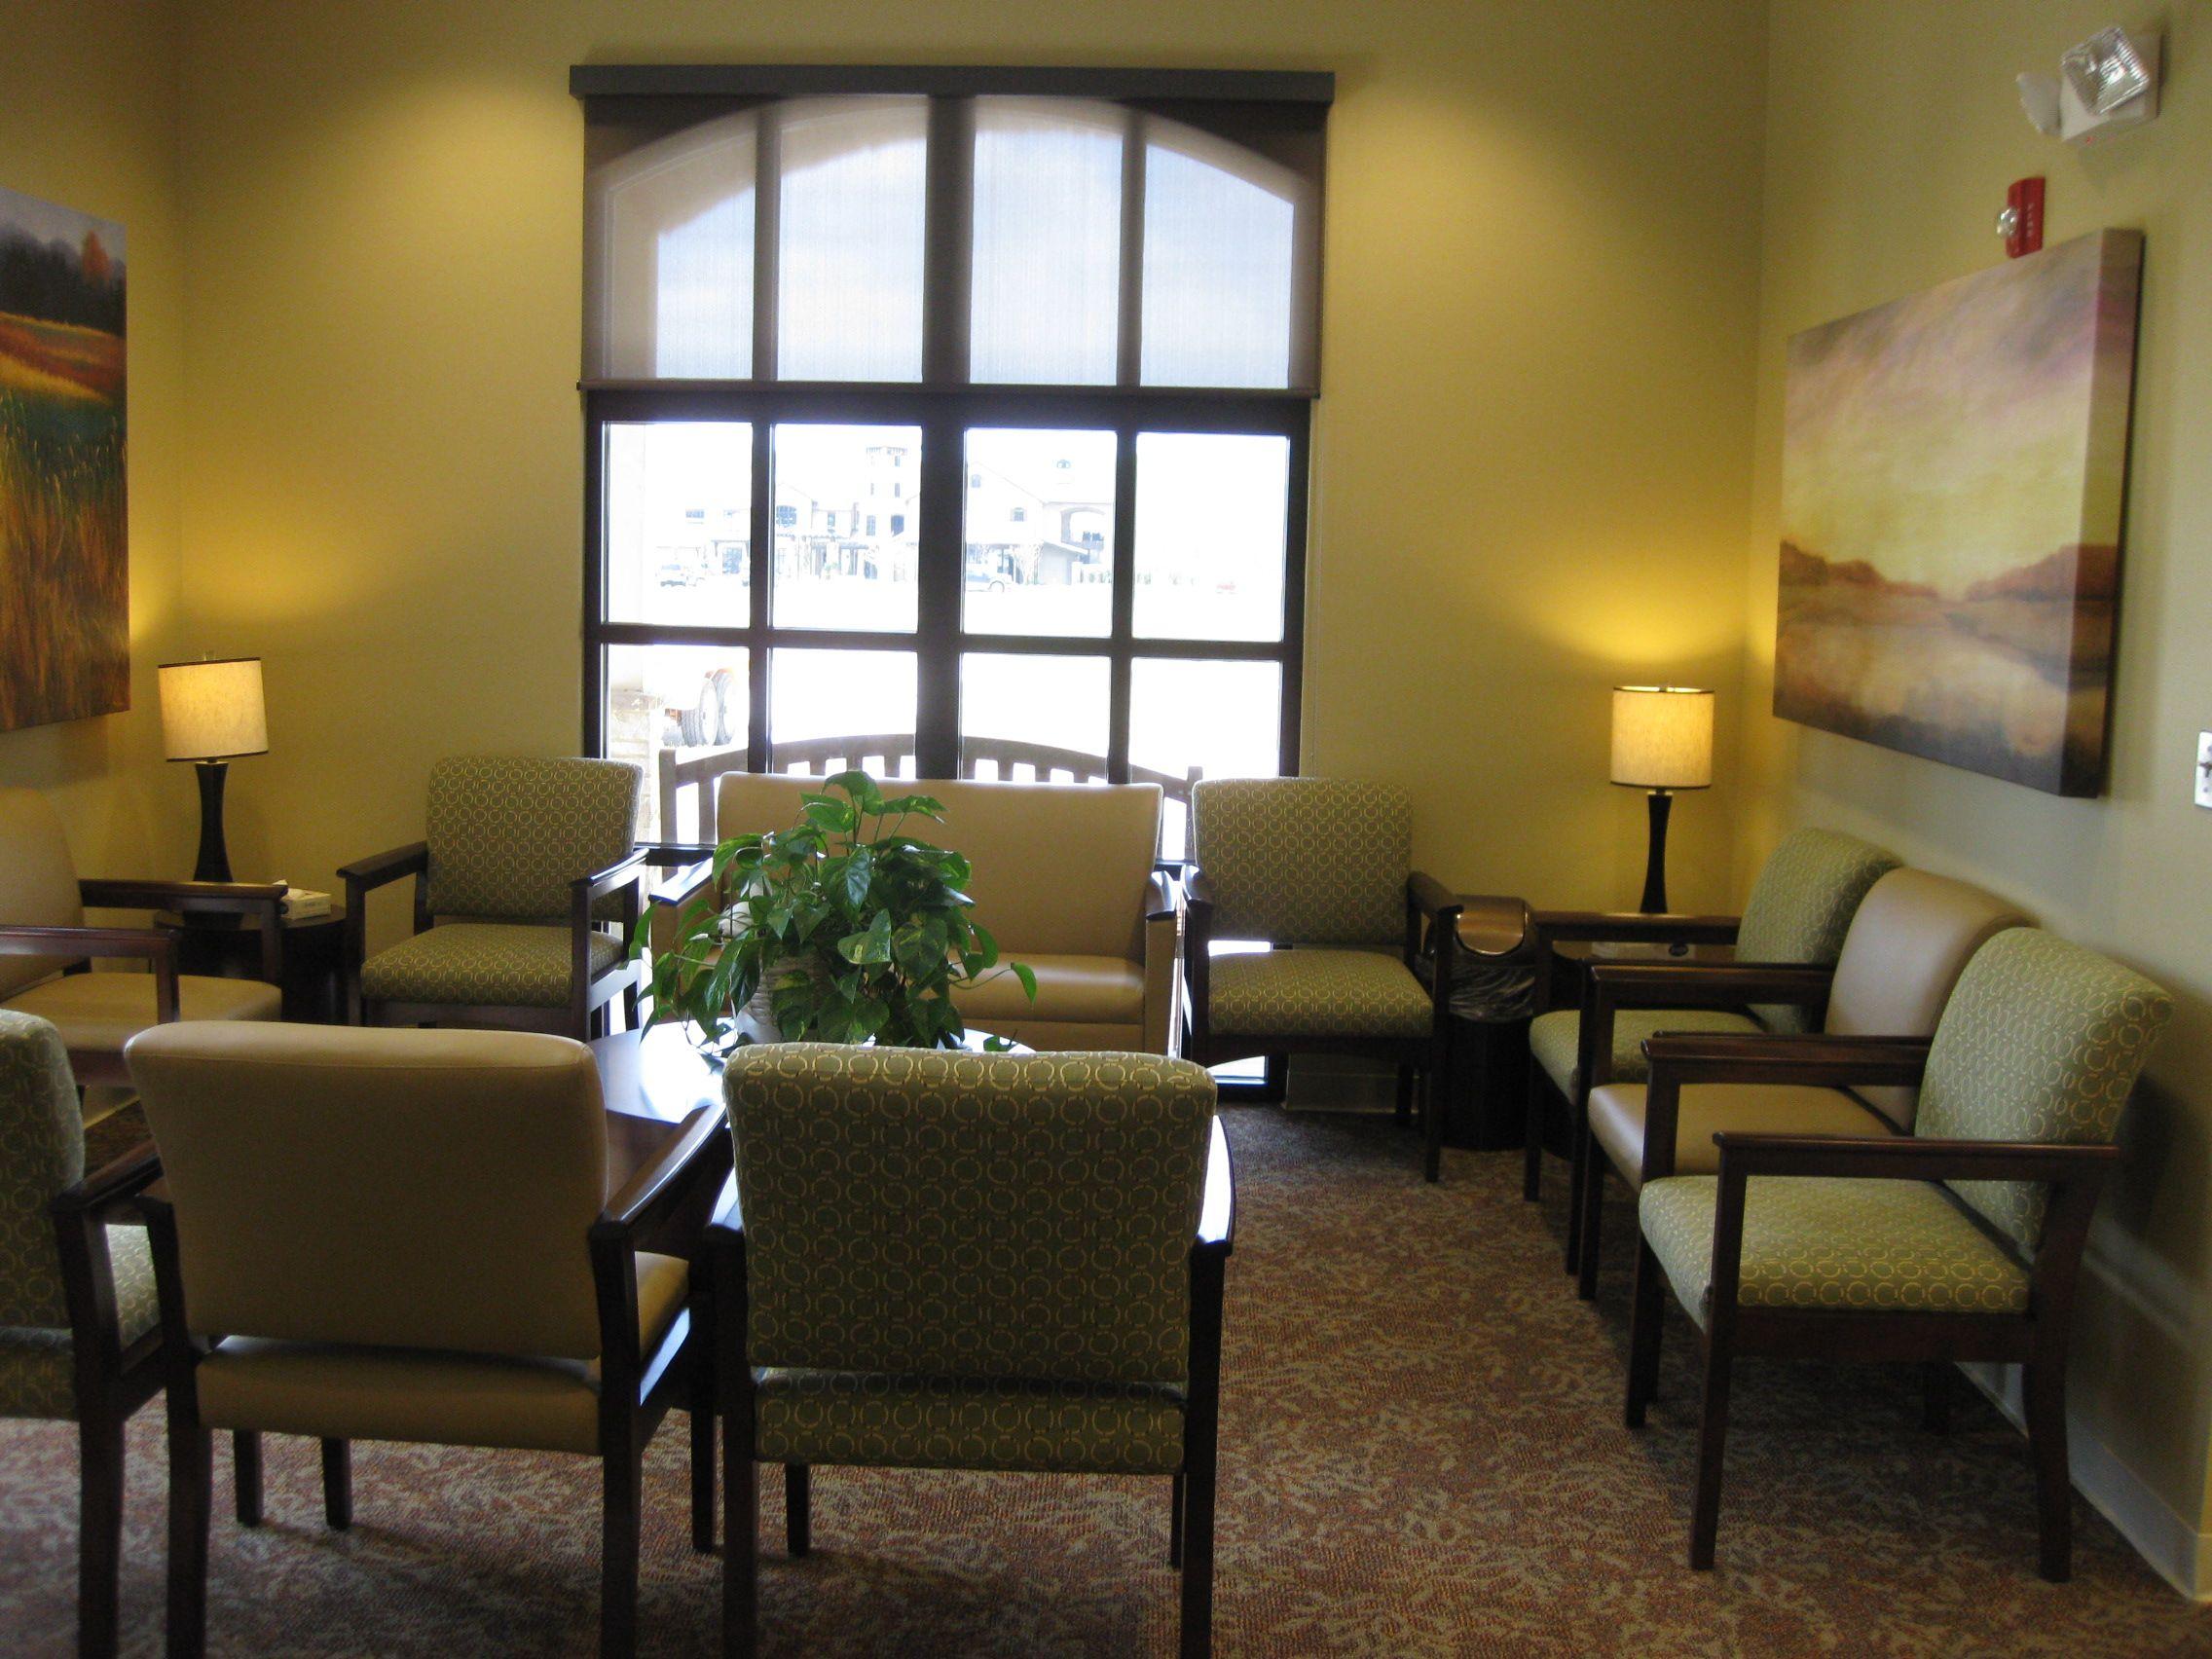 Doctor's Office Waiting Room | Random | Pinterest